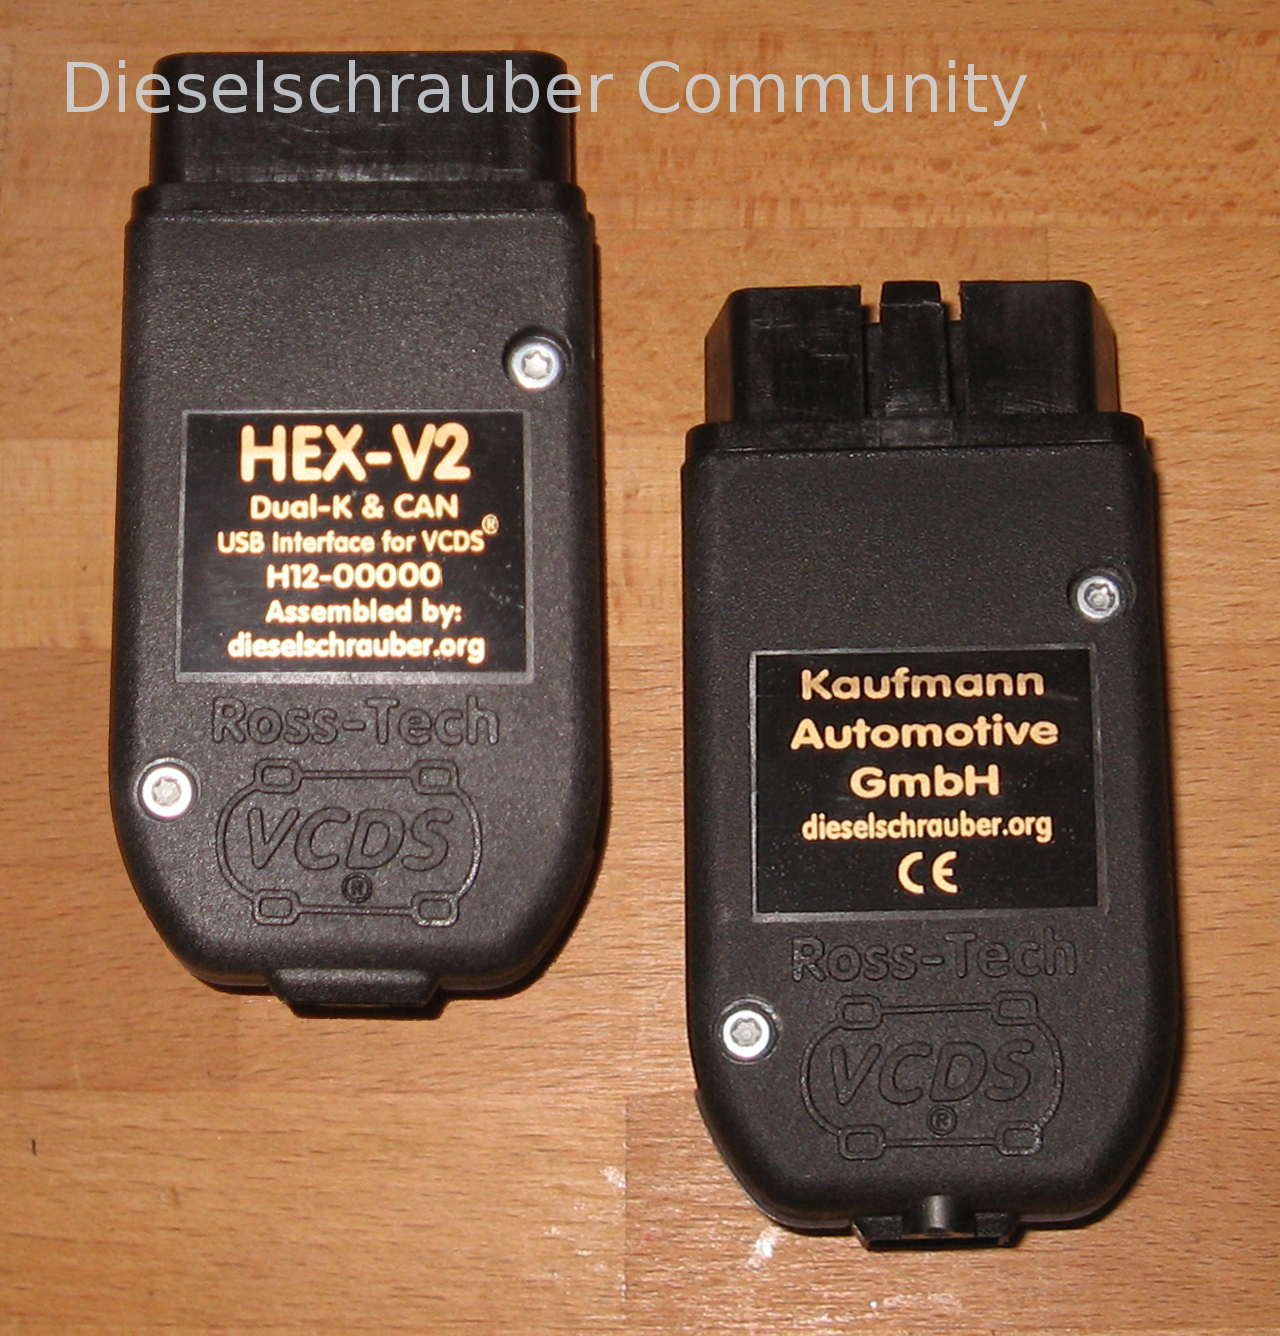 HEX-V2 - neue Diagnosehardware für VCDS: Dieselschrauber